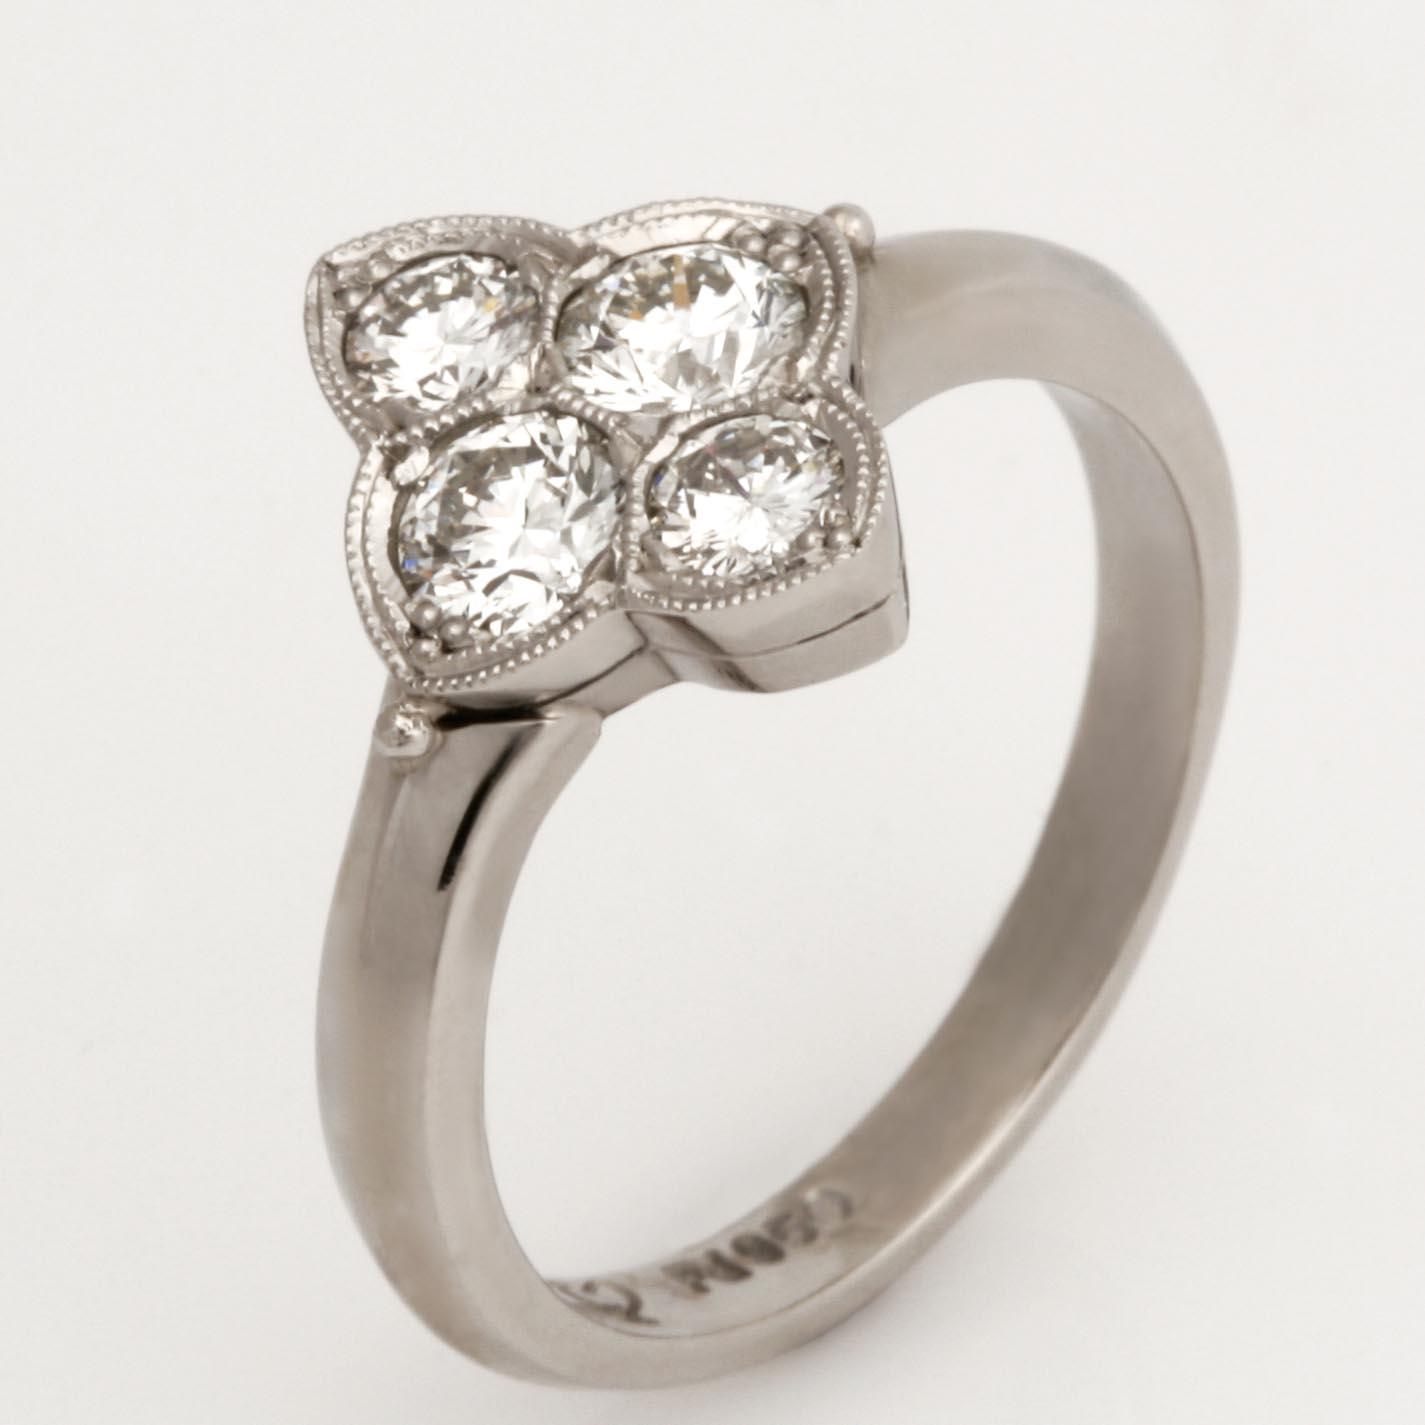 Handmade ladies palladium brilliant cut diamond ring featuring a millgrain edging.